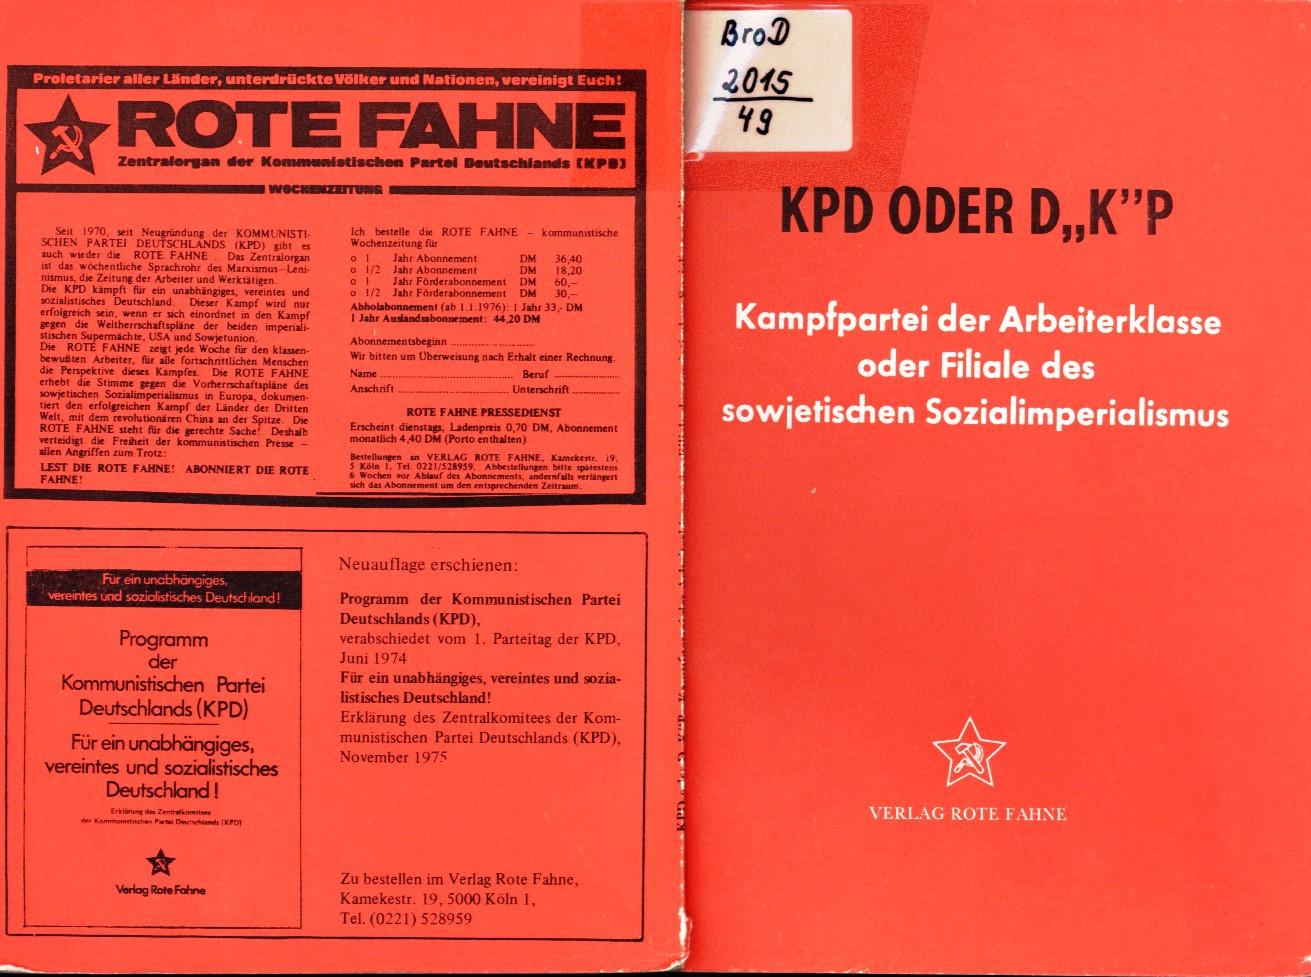 KPDAO_1976_KPD_oder_DKP_01